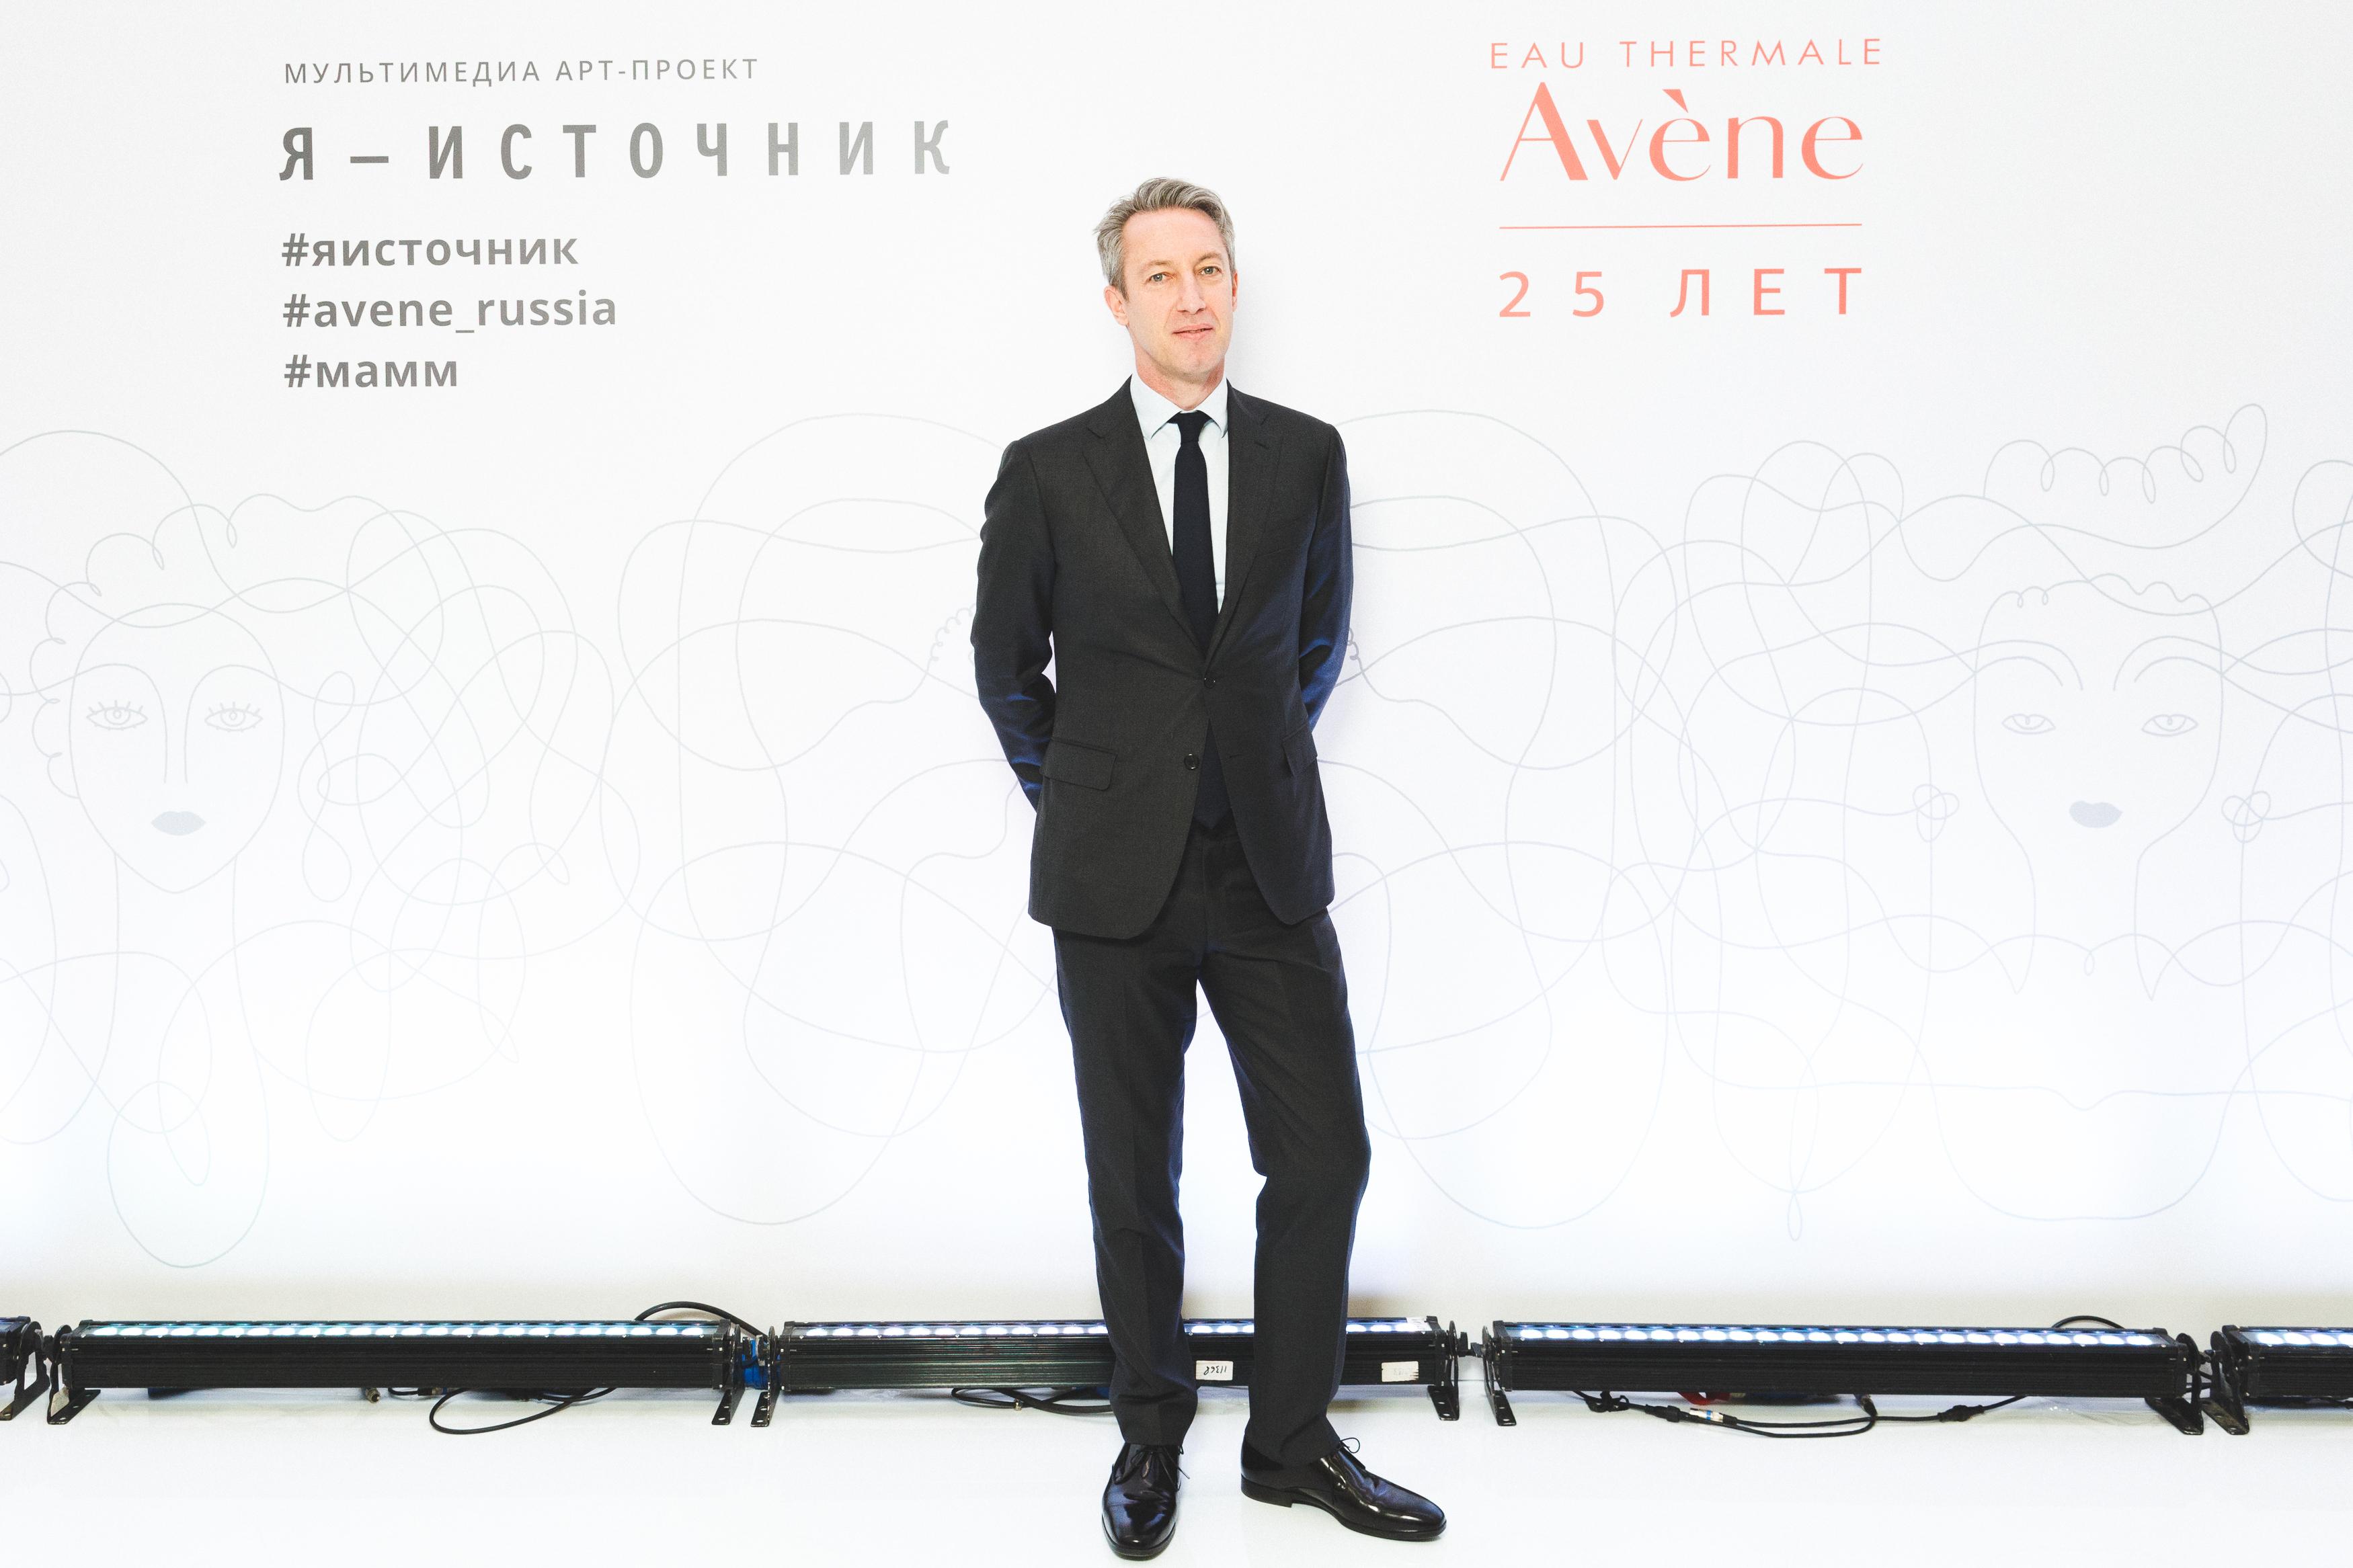 Французский бренд дермокосметики Eau Thermale Avène отметил своё 25-летие выставкой «Я – источник» в МАММ